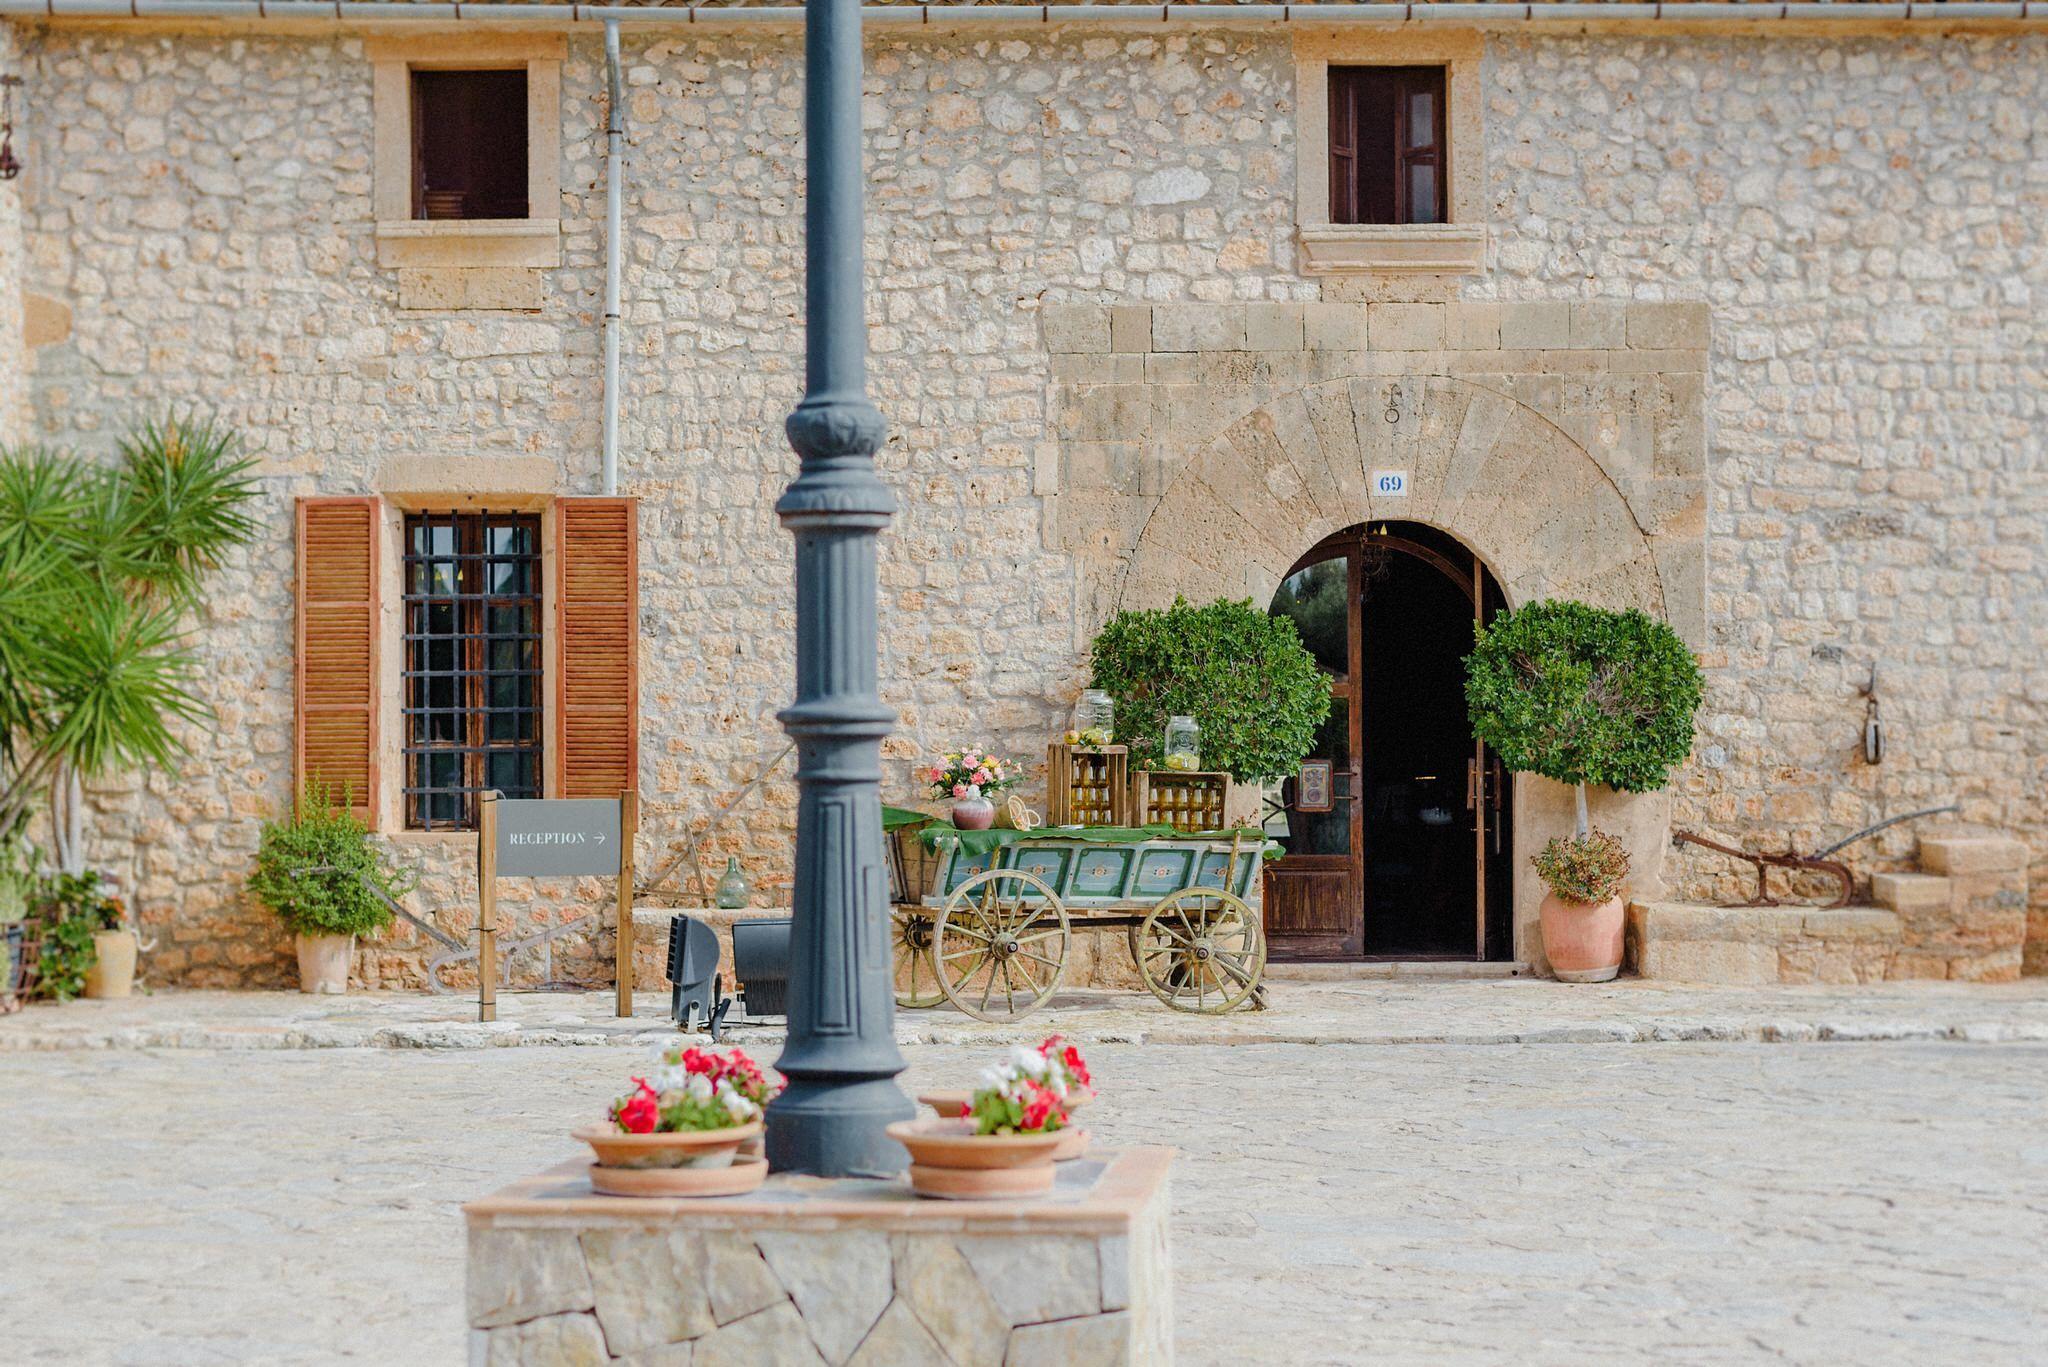 Boda en Sa Bassa Rotja, Mallorca